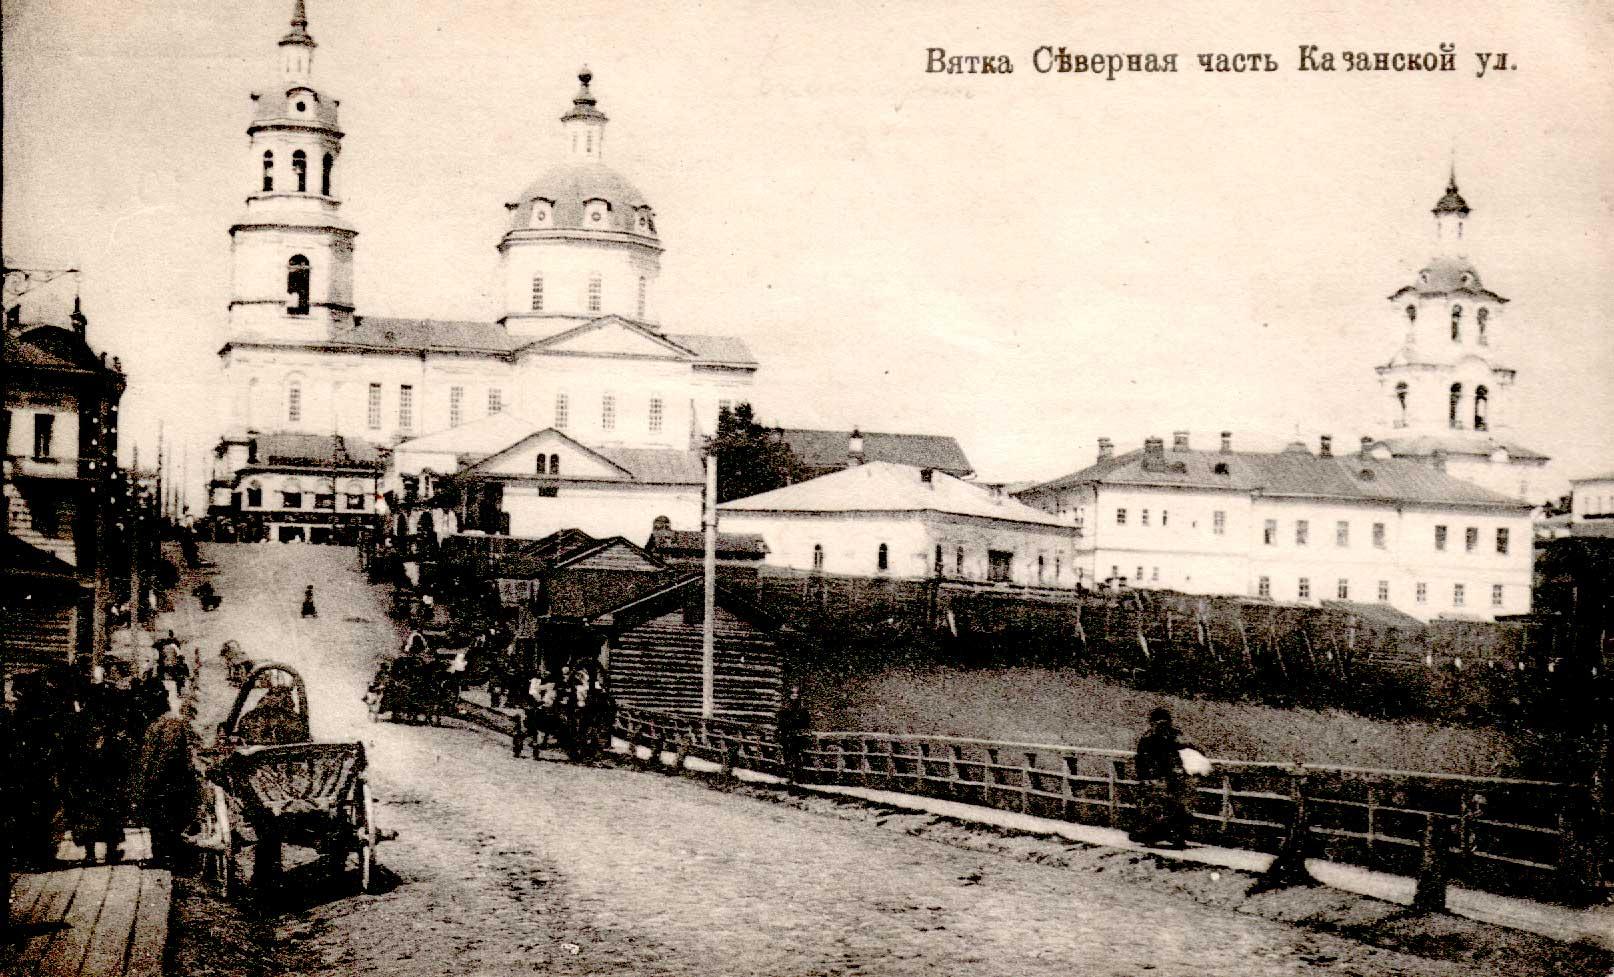 Казанская улица. Северная часть